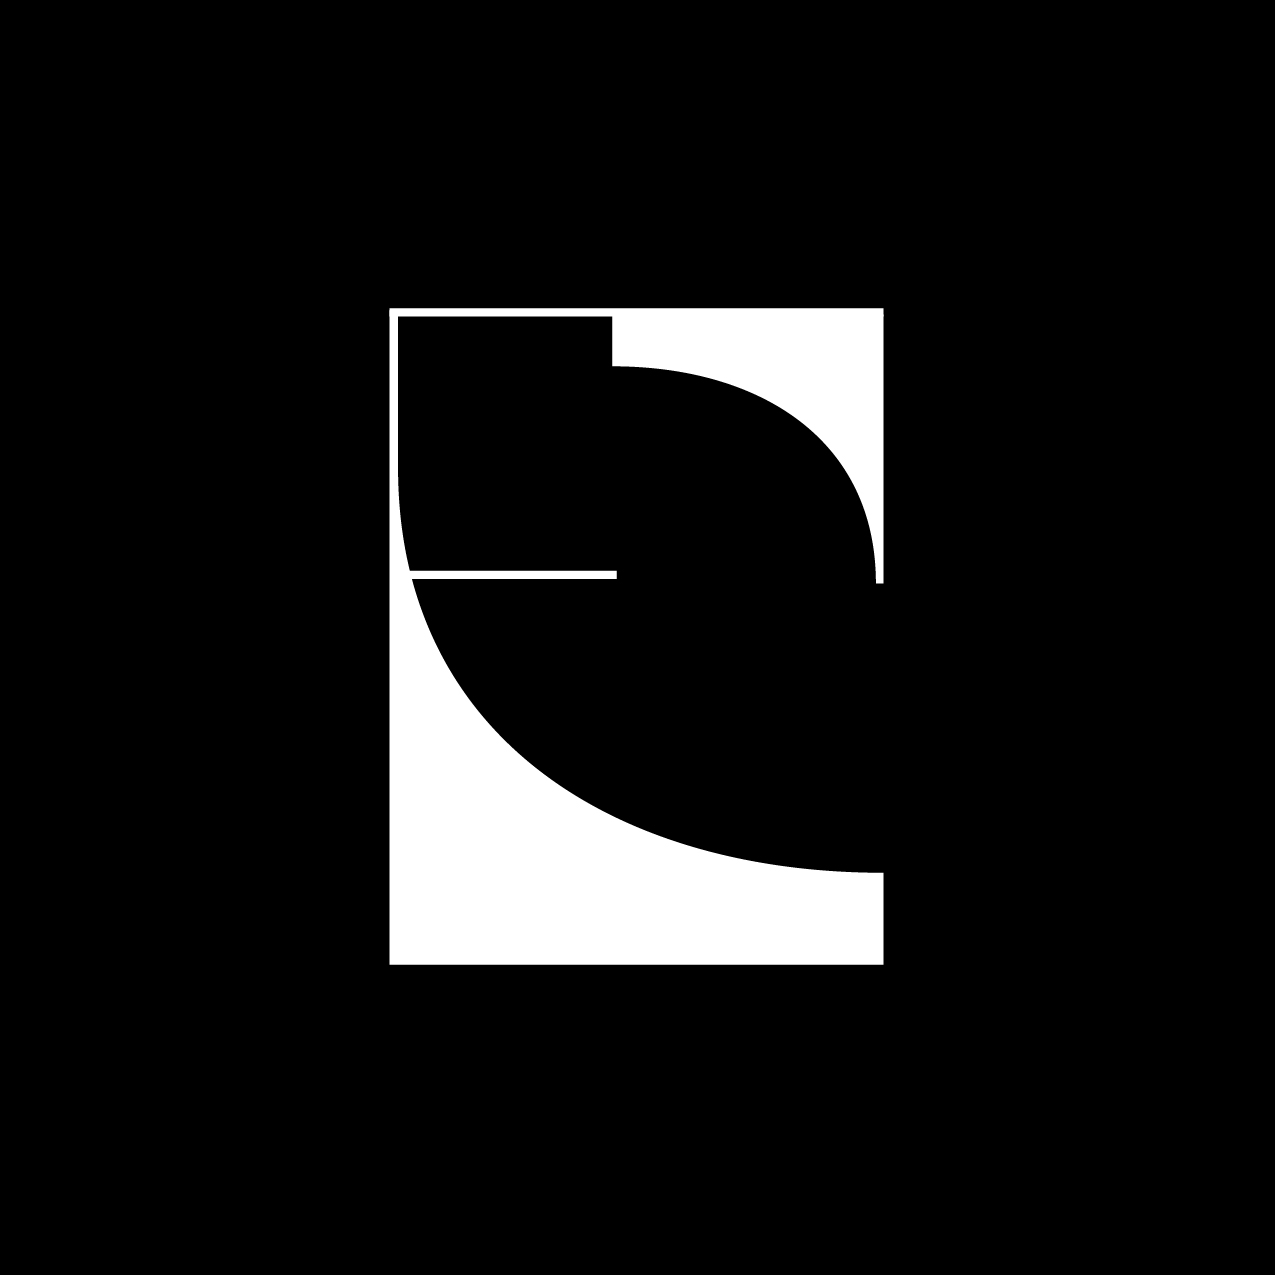 Letter E13 design by Furia